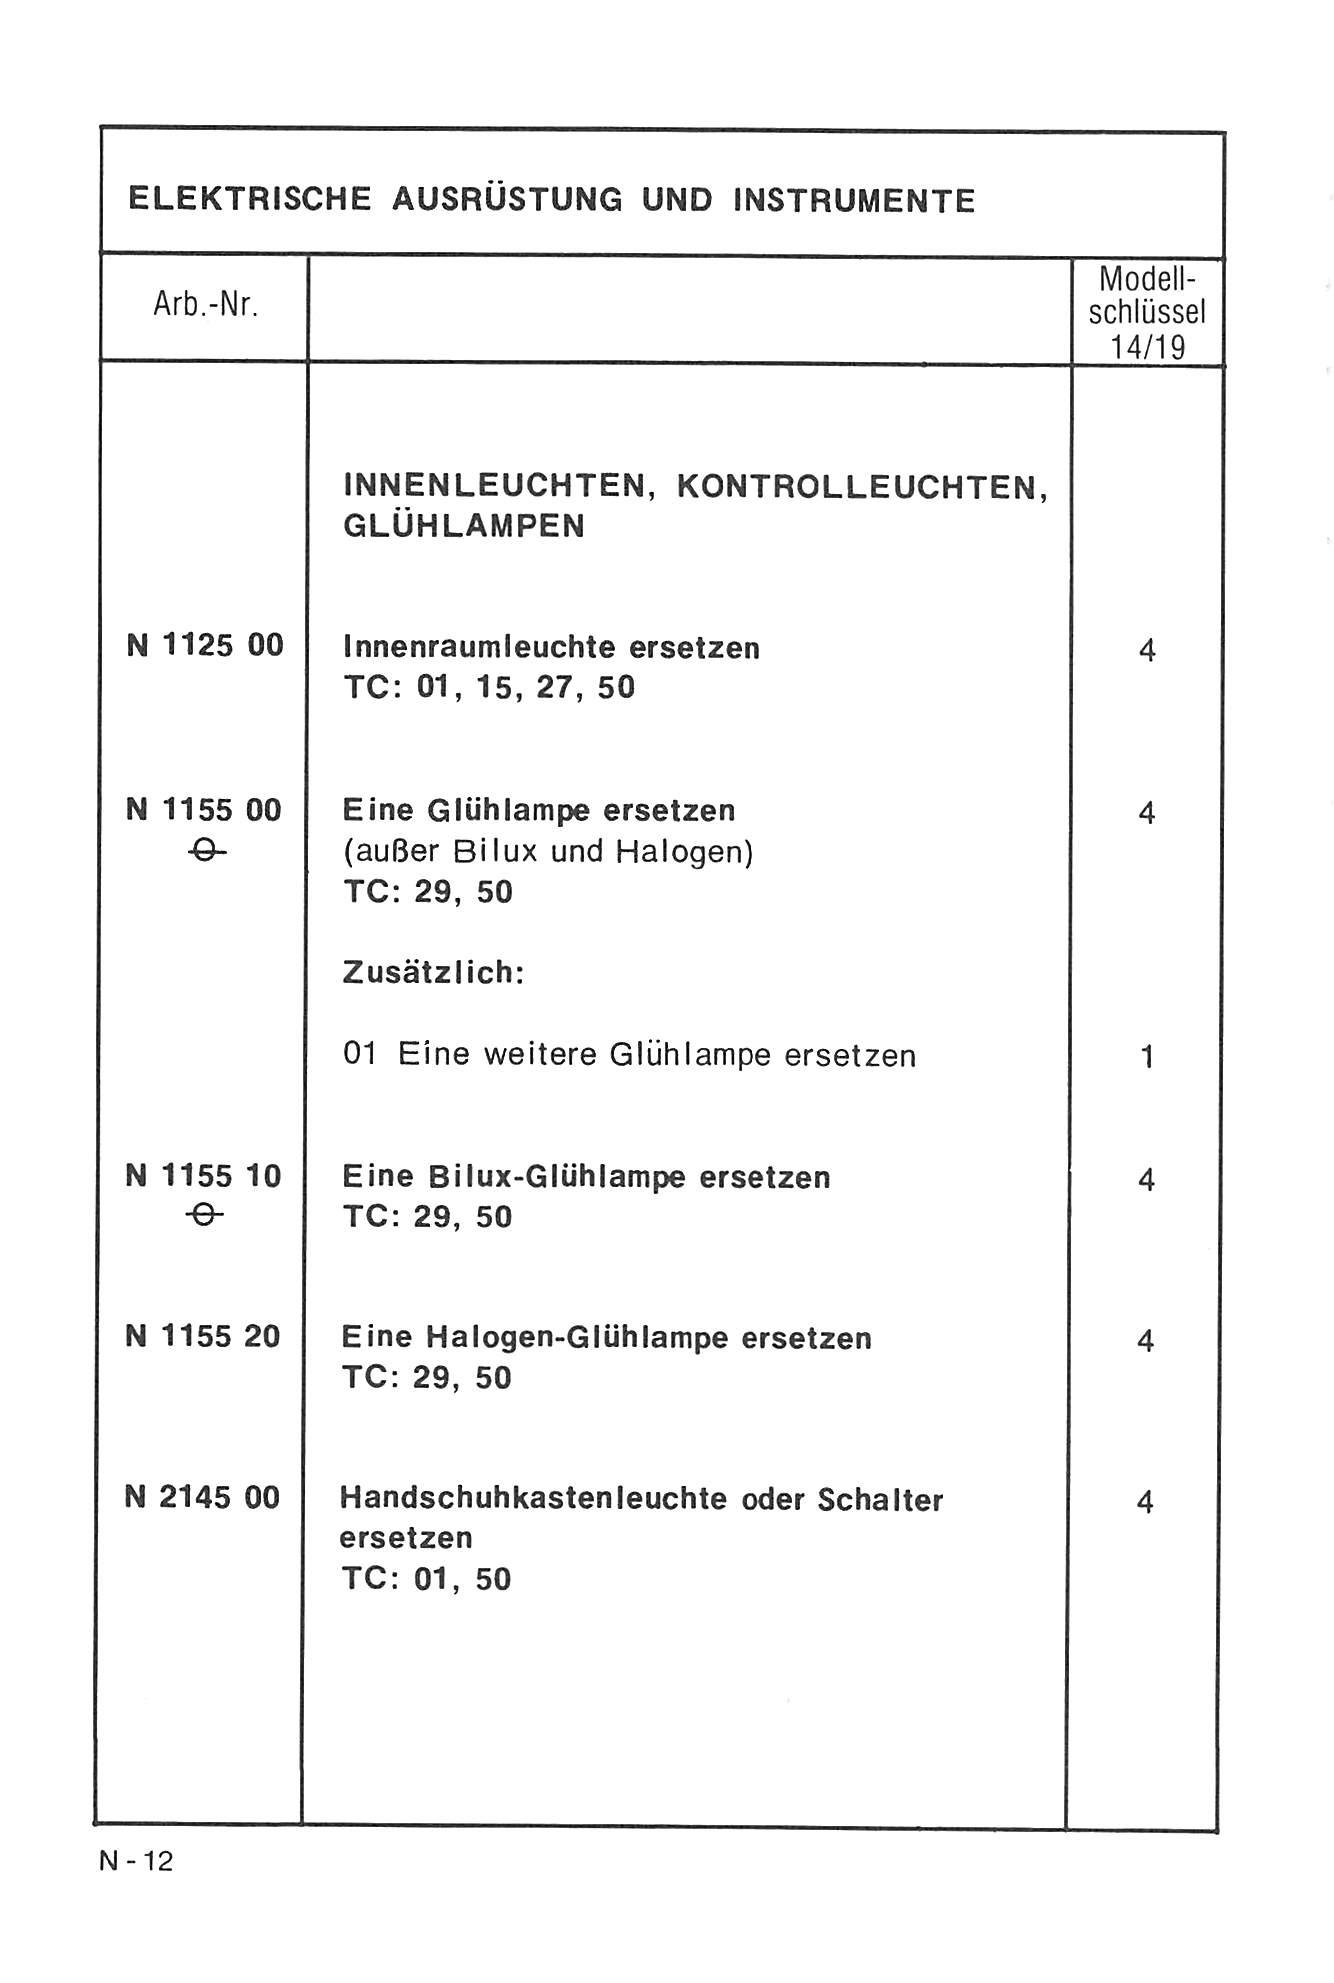 Ungewöhnlich Neutrale Elektrische Kabelfarbe Ideen - Der Schaltplan ...